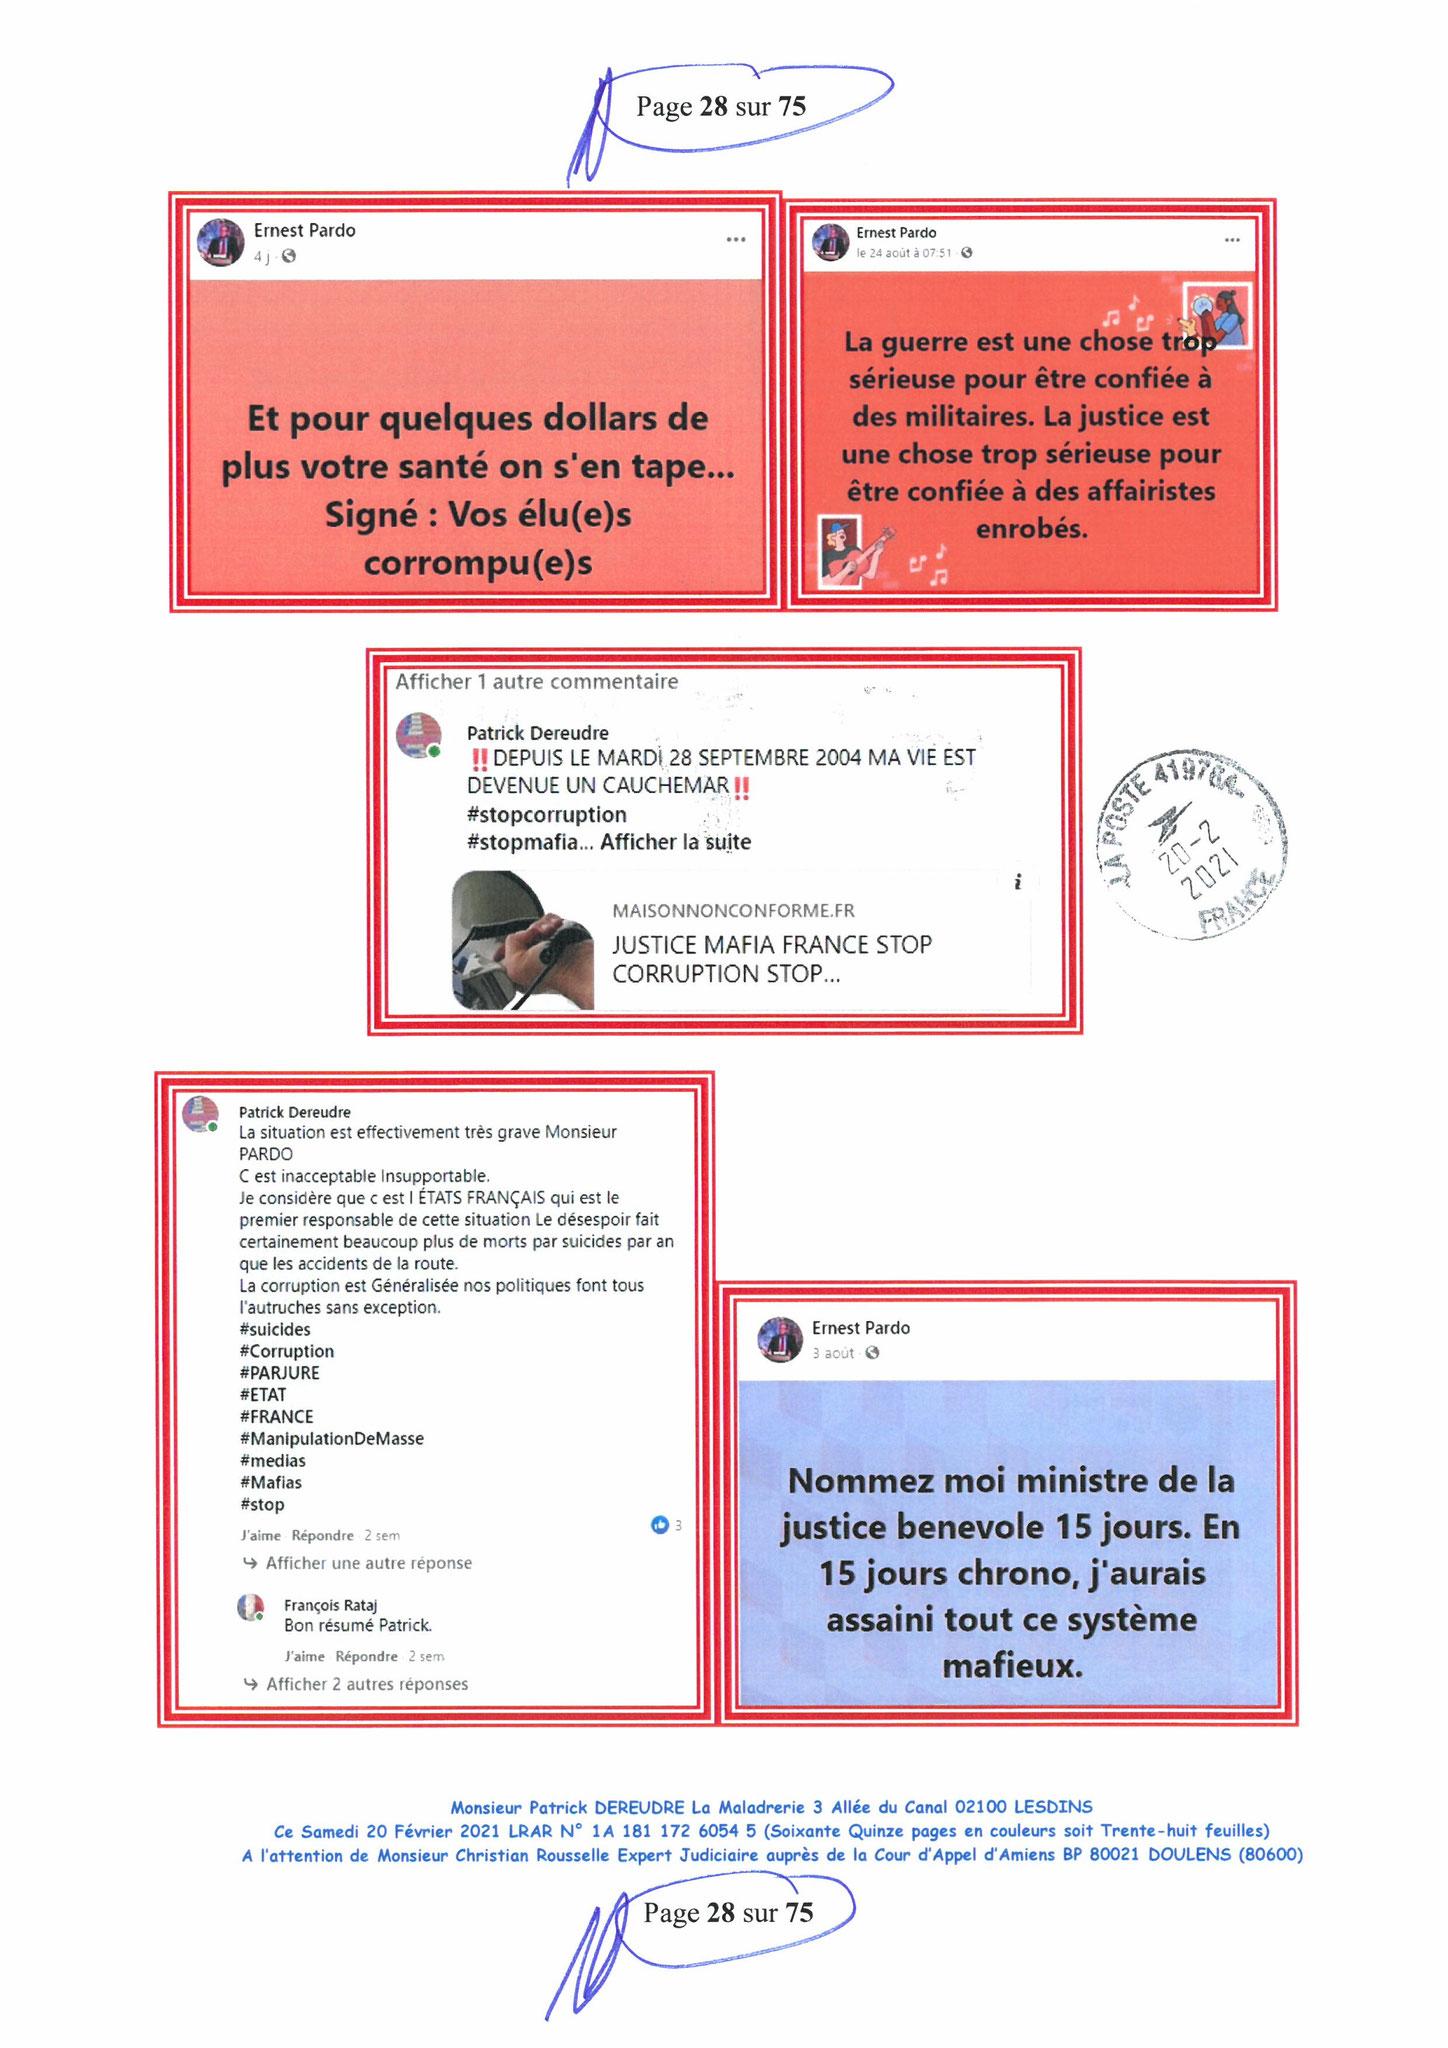 Page 28 Ma  Lettre Recommandée à Monsieur Christian ROUSSELLE Expert Judiciaire auprès de la Cour d'Appel d'Amiens Affaire MES CHERS VOISINS nos  www.jenesuispasunchien.fr www.jesuisvictime.fr www.jesuispatrick.fr PARJURE & CORRUPTION JUSTICE REPUBLIQUE